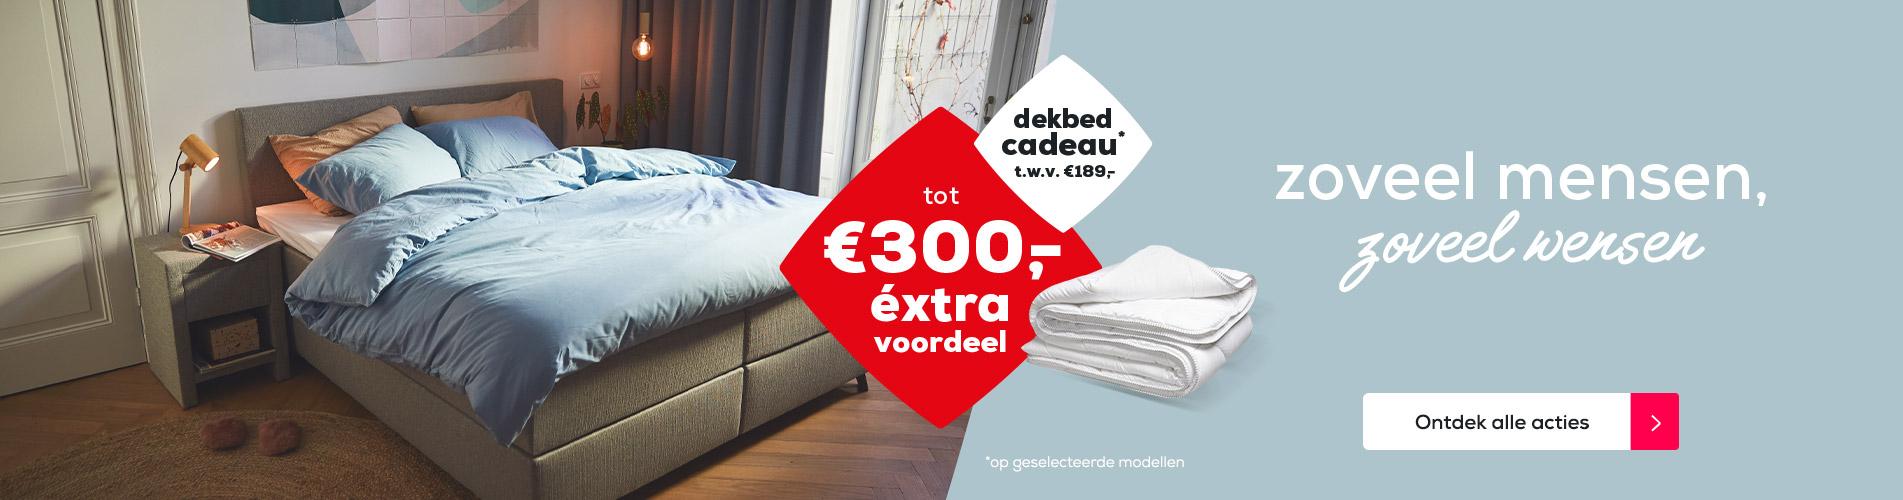 Zoveel mensen, zoveel wensen | Tot €300,- éxtra voordeel |  Swiss Sense